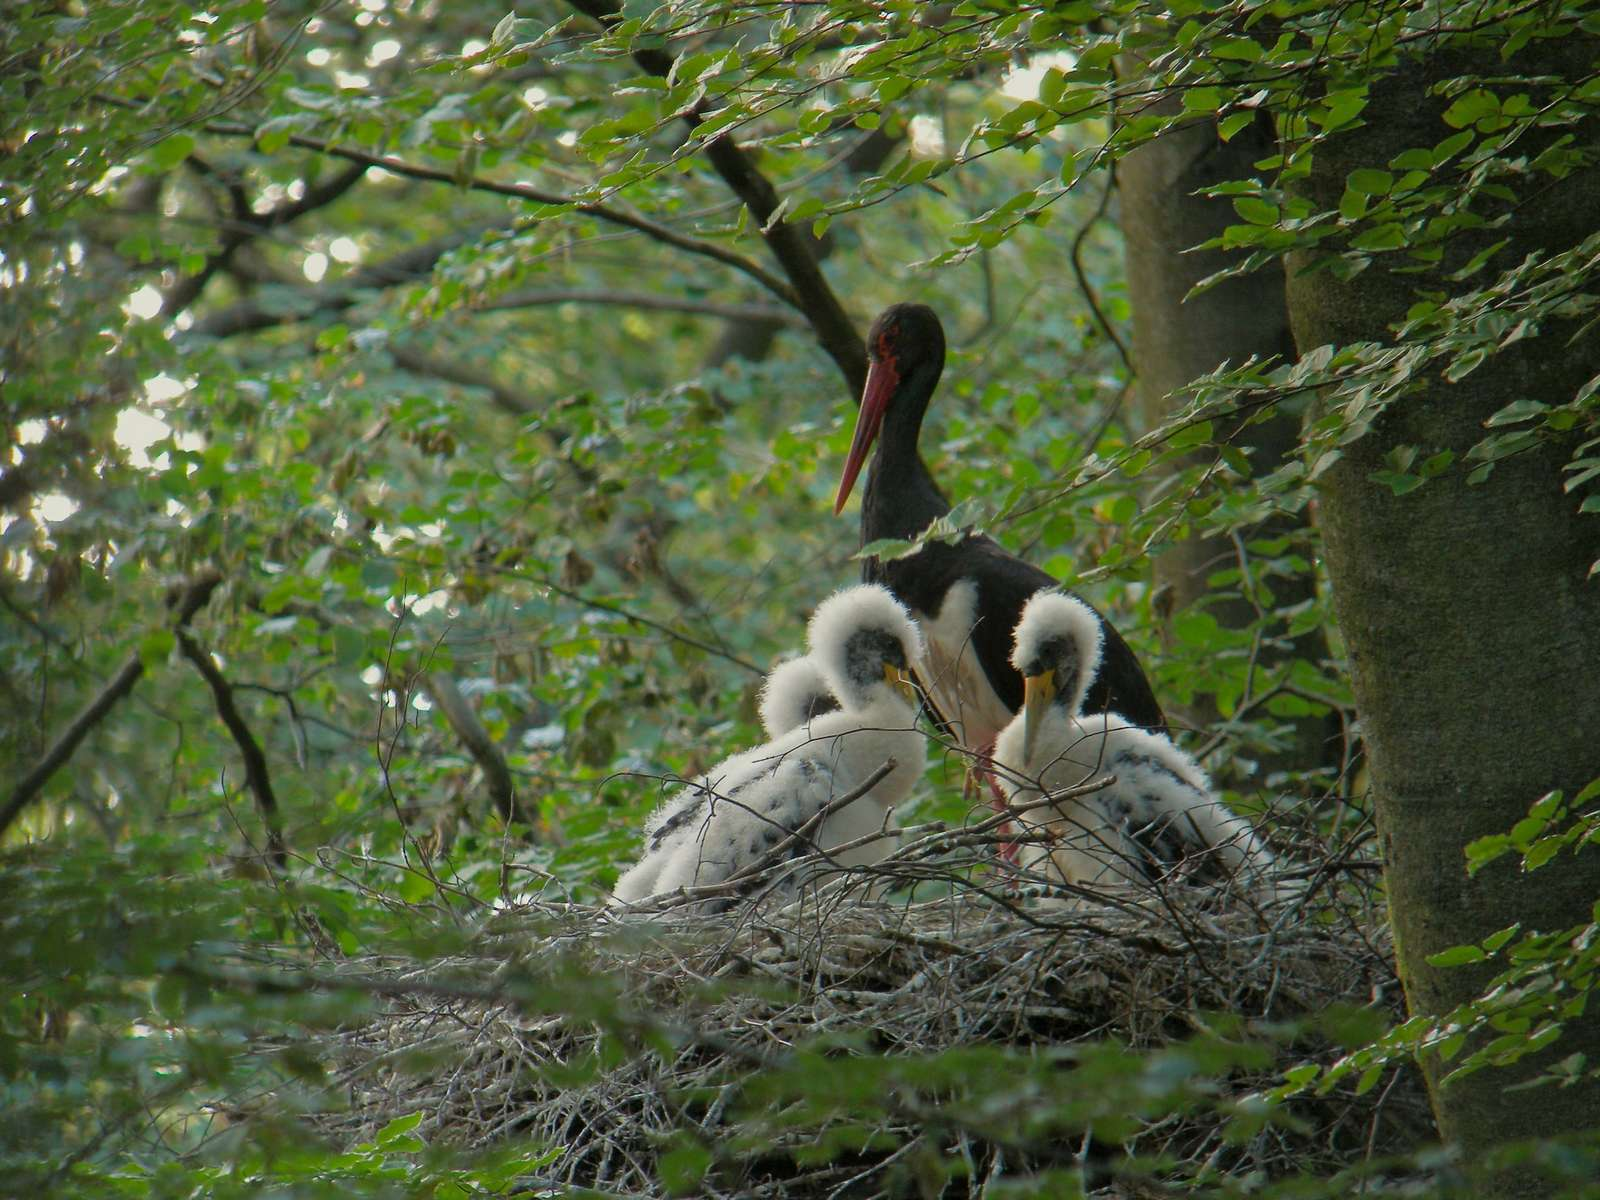 Cigogne noire (Ciconia nigra) adulte dans son nid, avec les jeunes